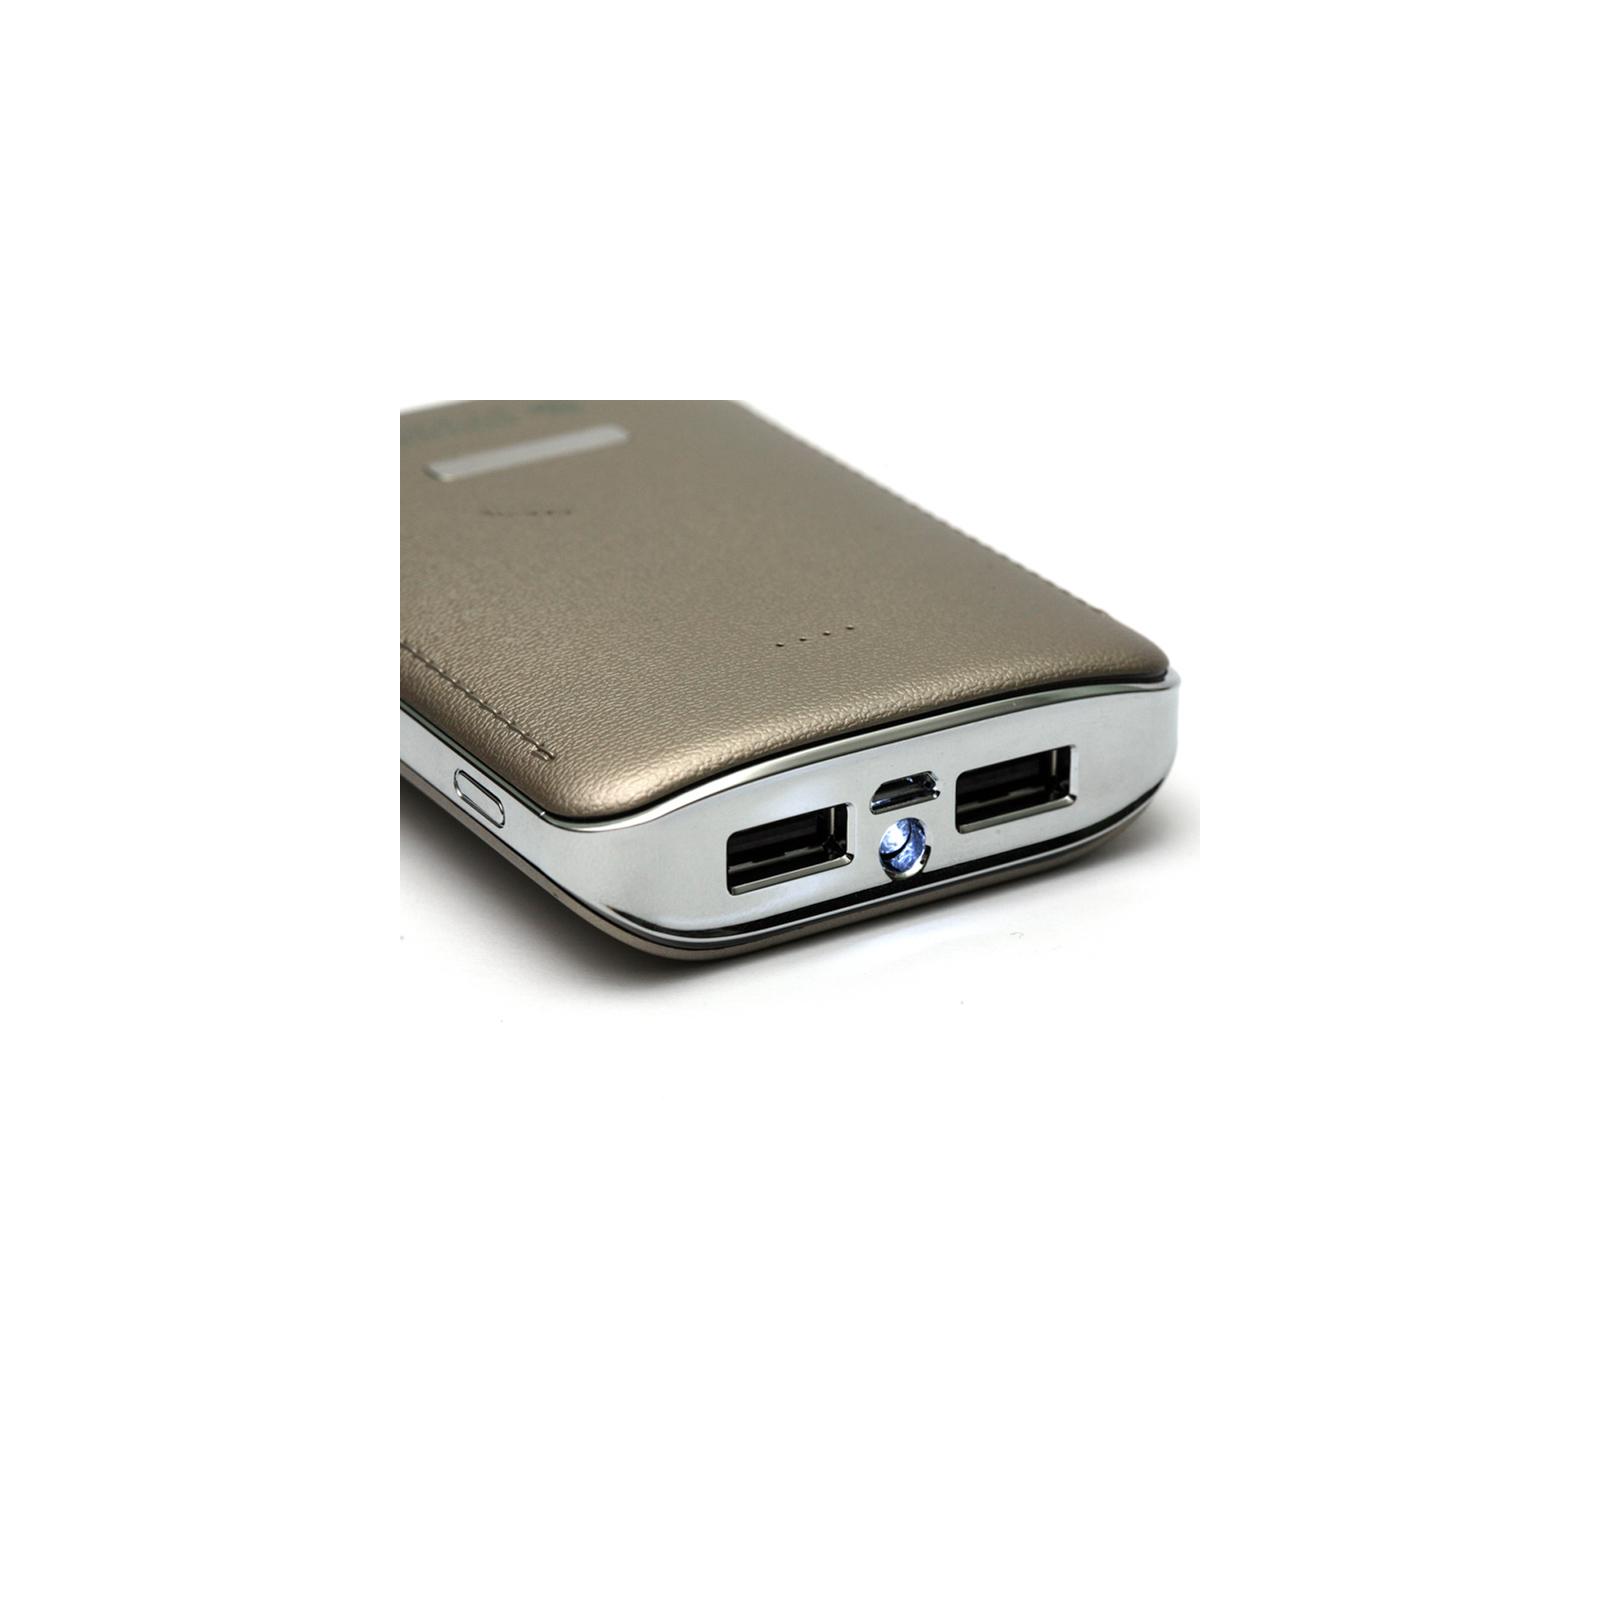 Батарея универсальная PowerPlant PB-LA9236 7800mAh 1*USB/1A 1*USB/2.1A (PPLA9236) изображение 2